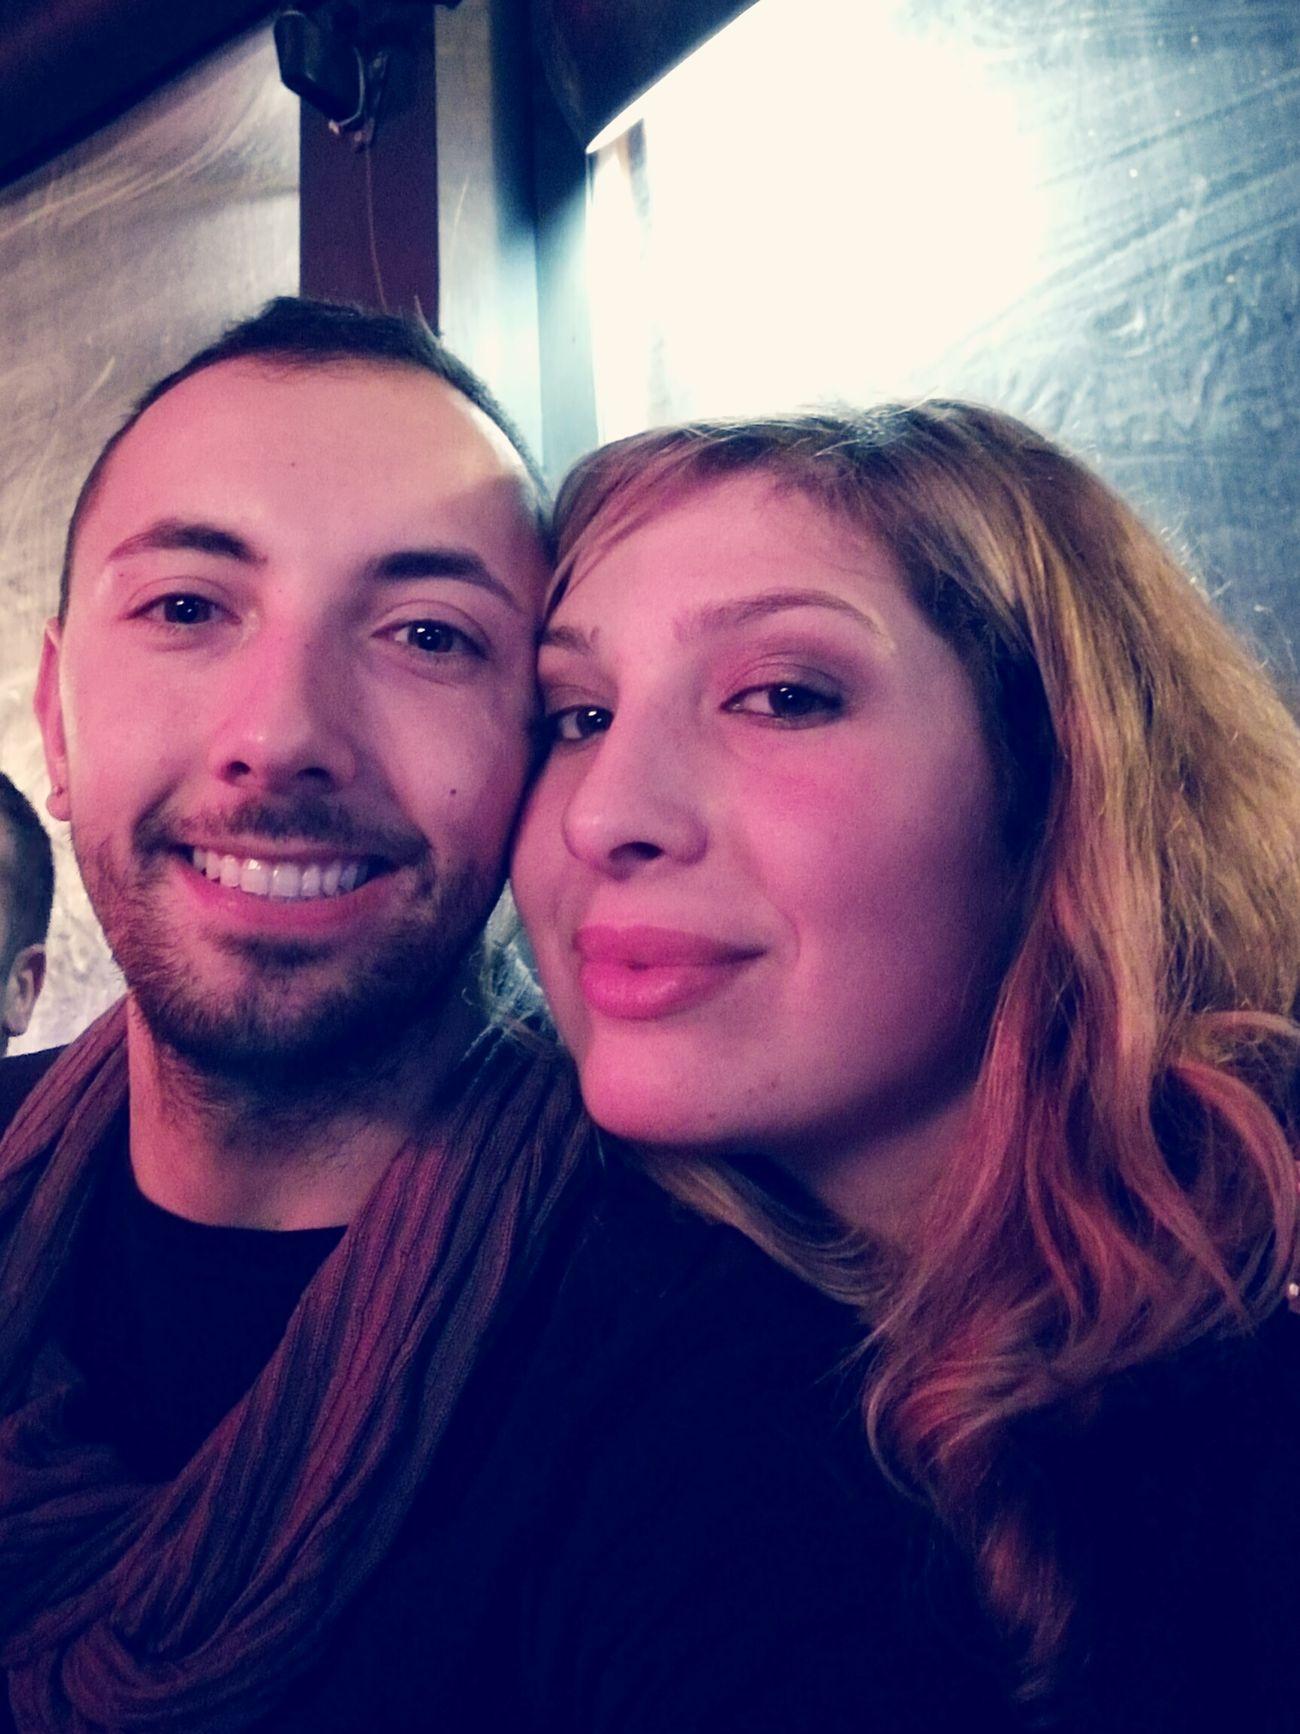 Man Women Two People Amore Mio ❤ Bar Coktail Smeraldo Spa San Benedetto Del Tronto Italy 🇮🇹 Pizzaiolo Marche Gioiadellamiavita